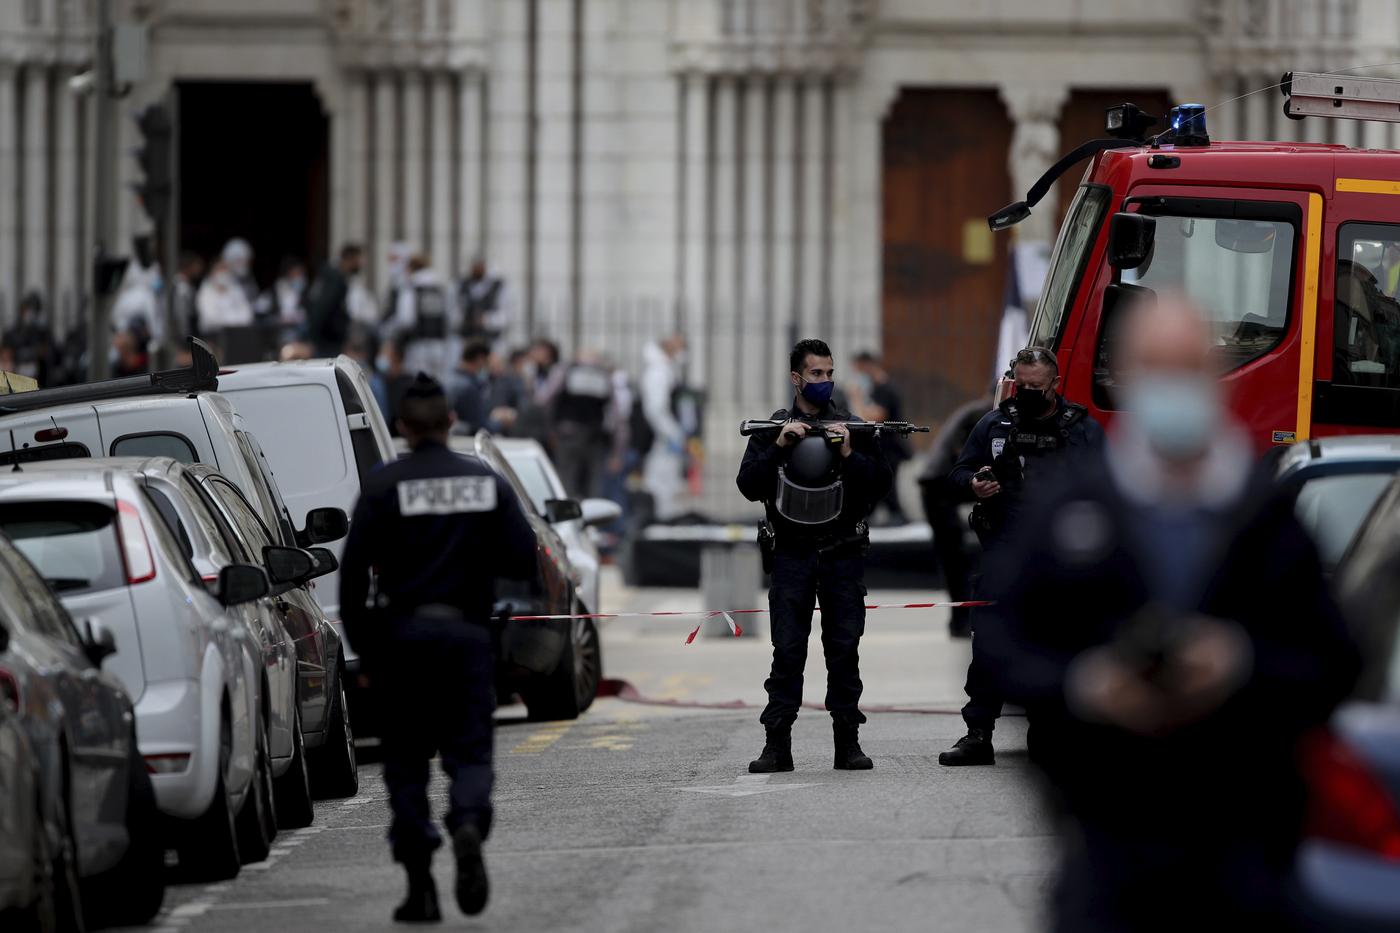 Era sbarcato a Lampedusa un mese fa il terrorista tunisino che ha decapitato due persone a Nizza